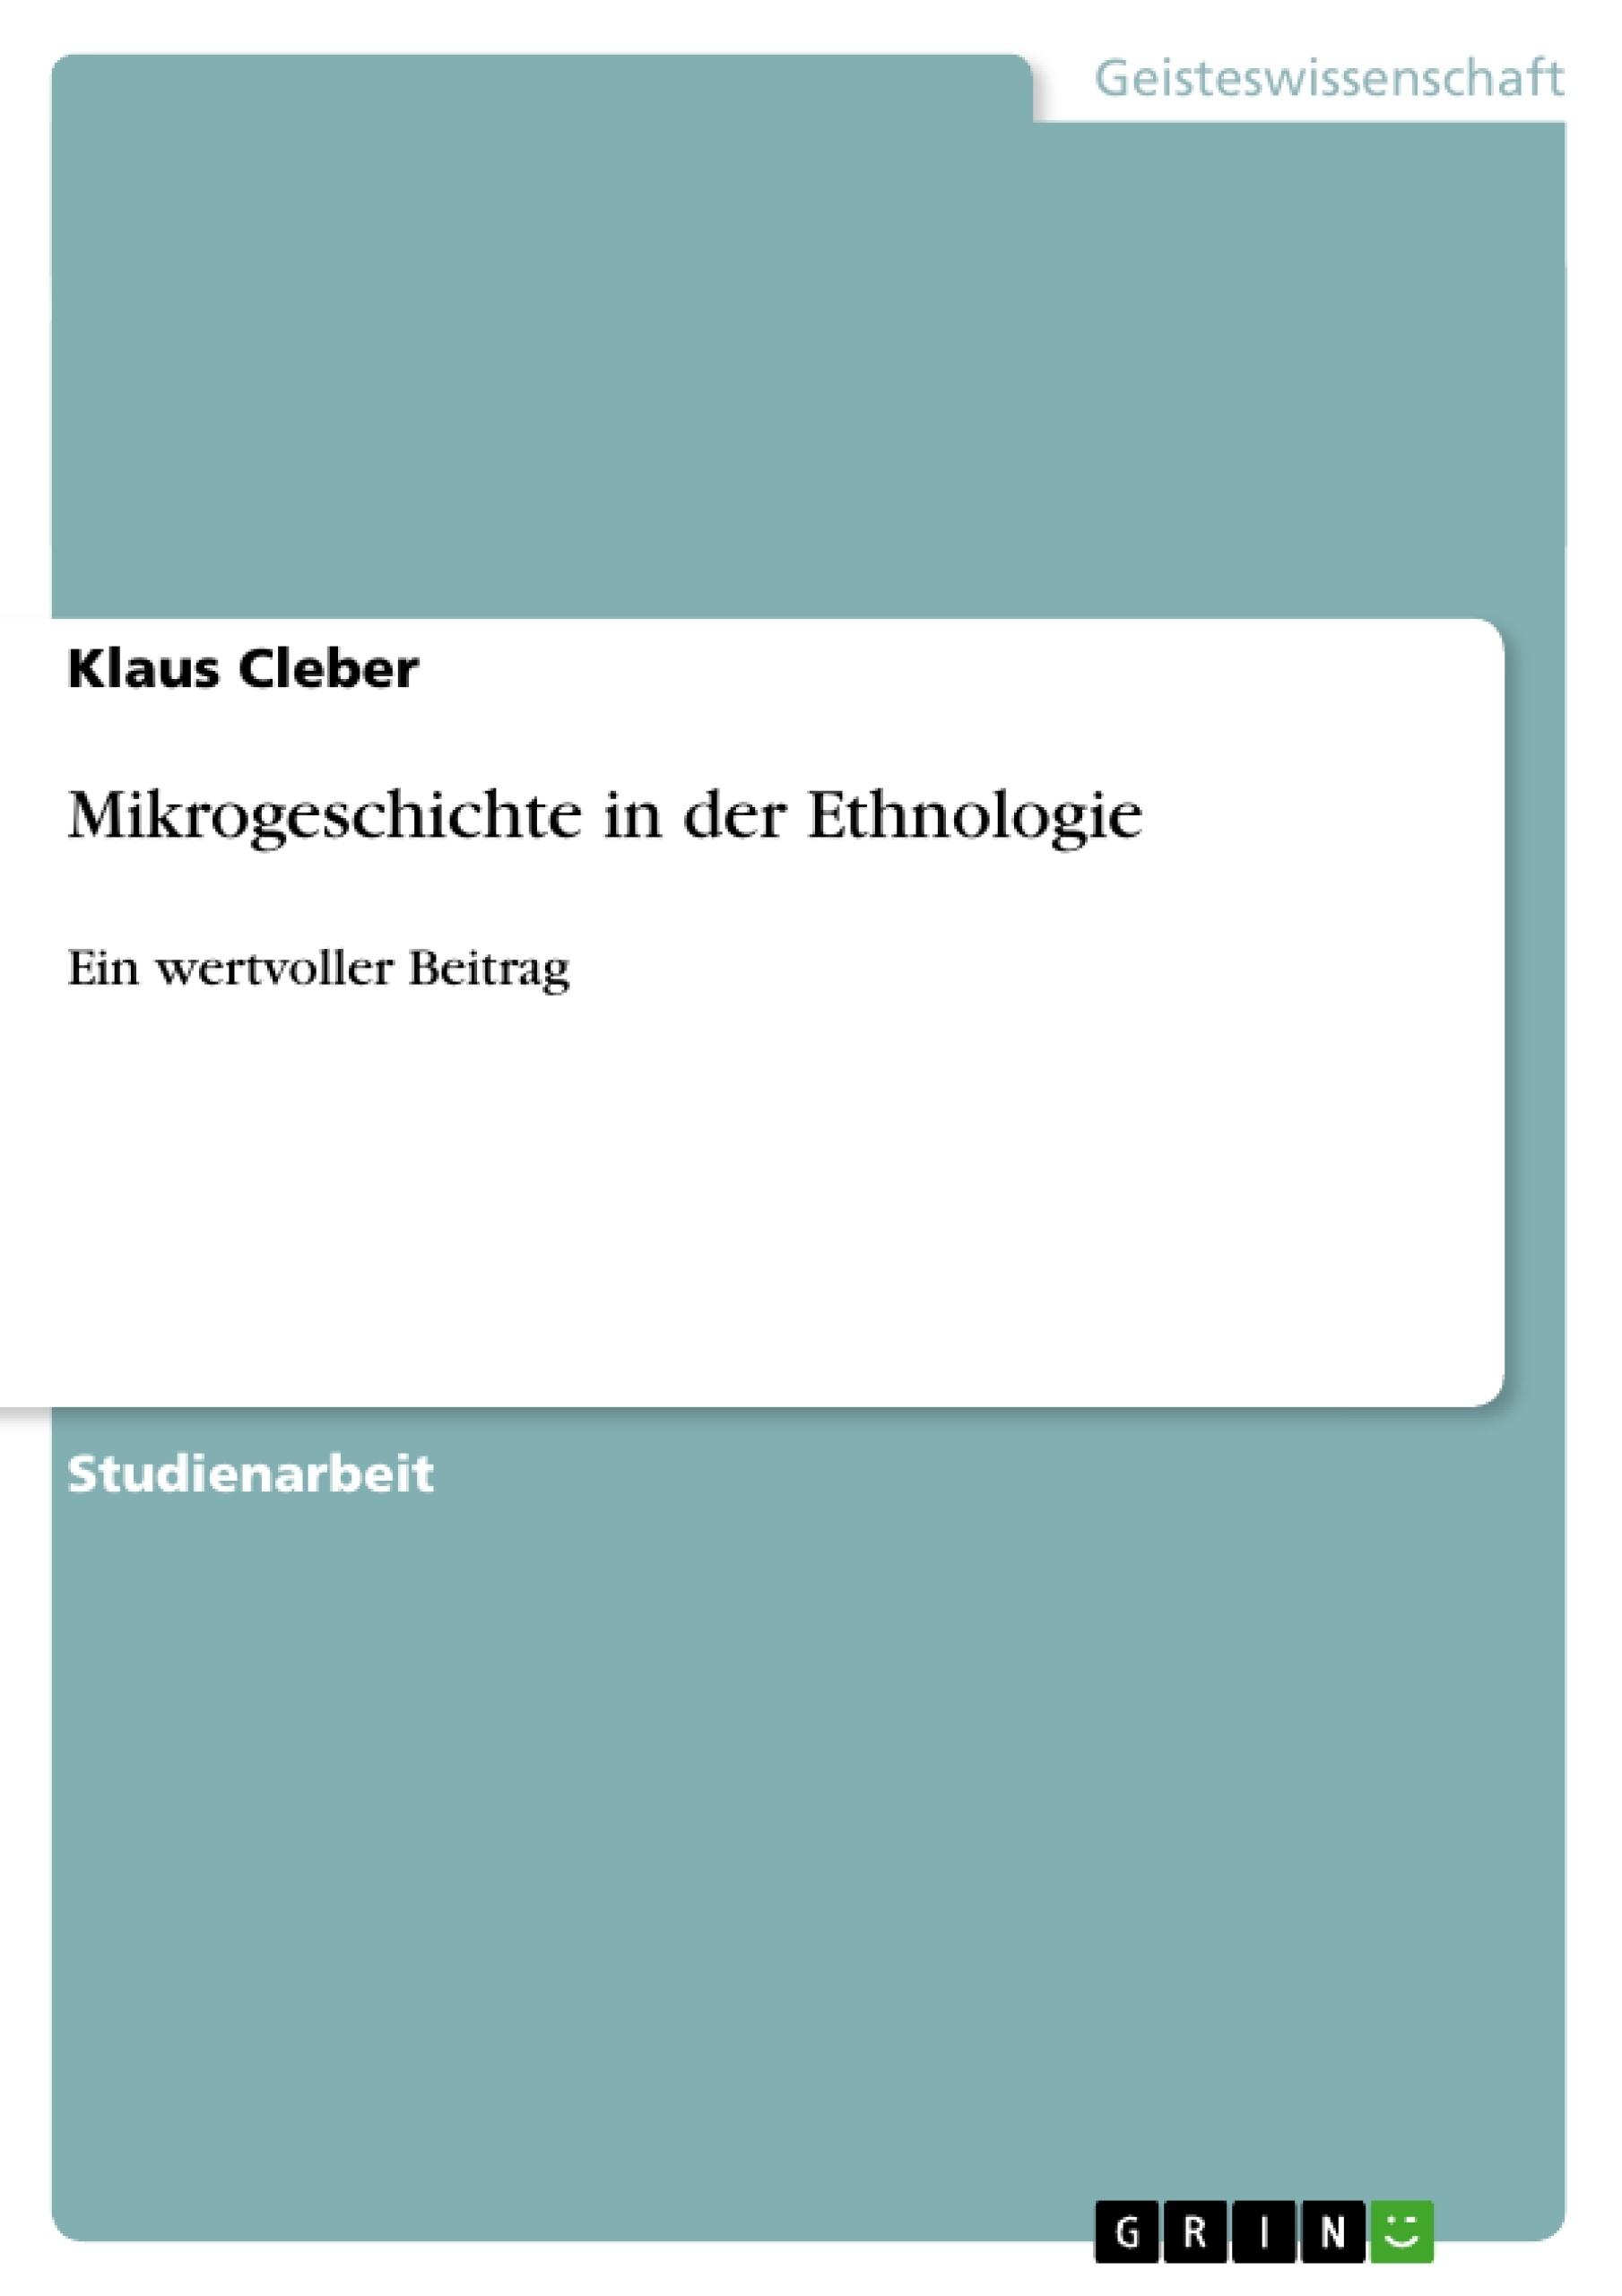 Titel: Mikrogeschichte in der Ethnologie